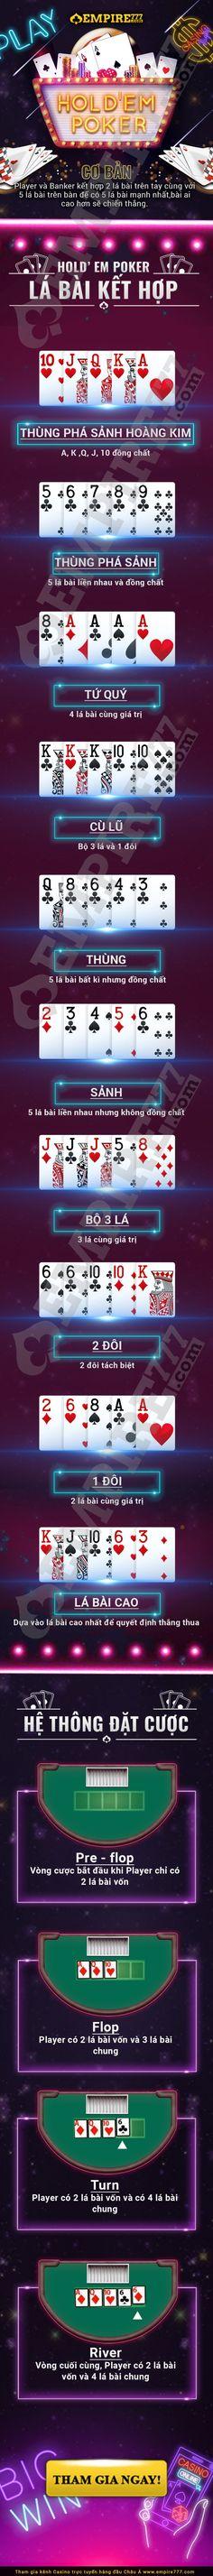 Casinoeuro Casino UK Casino Liste